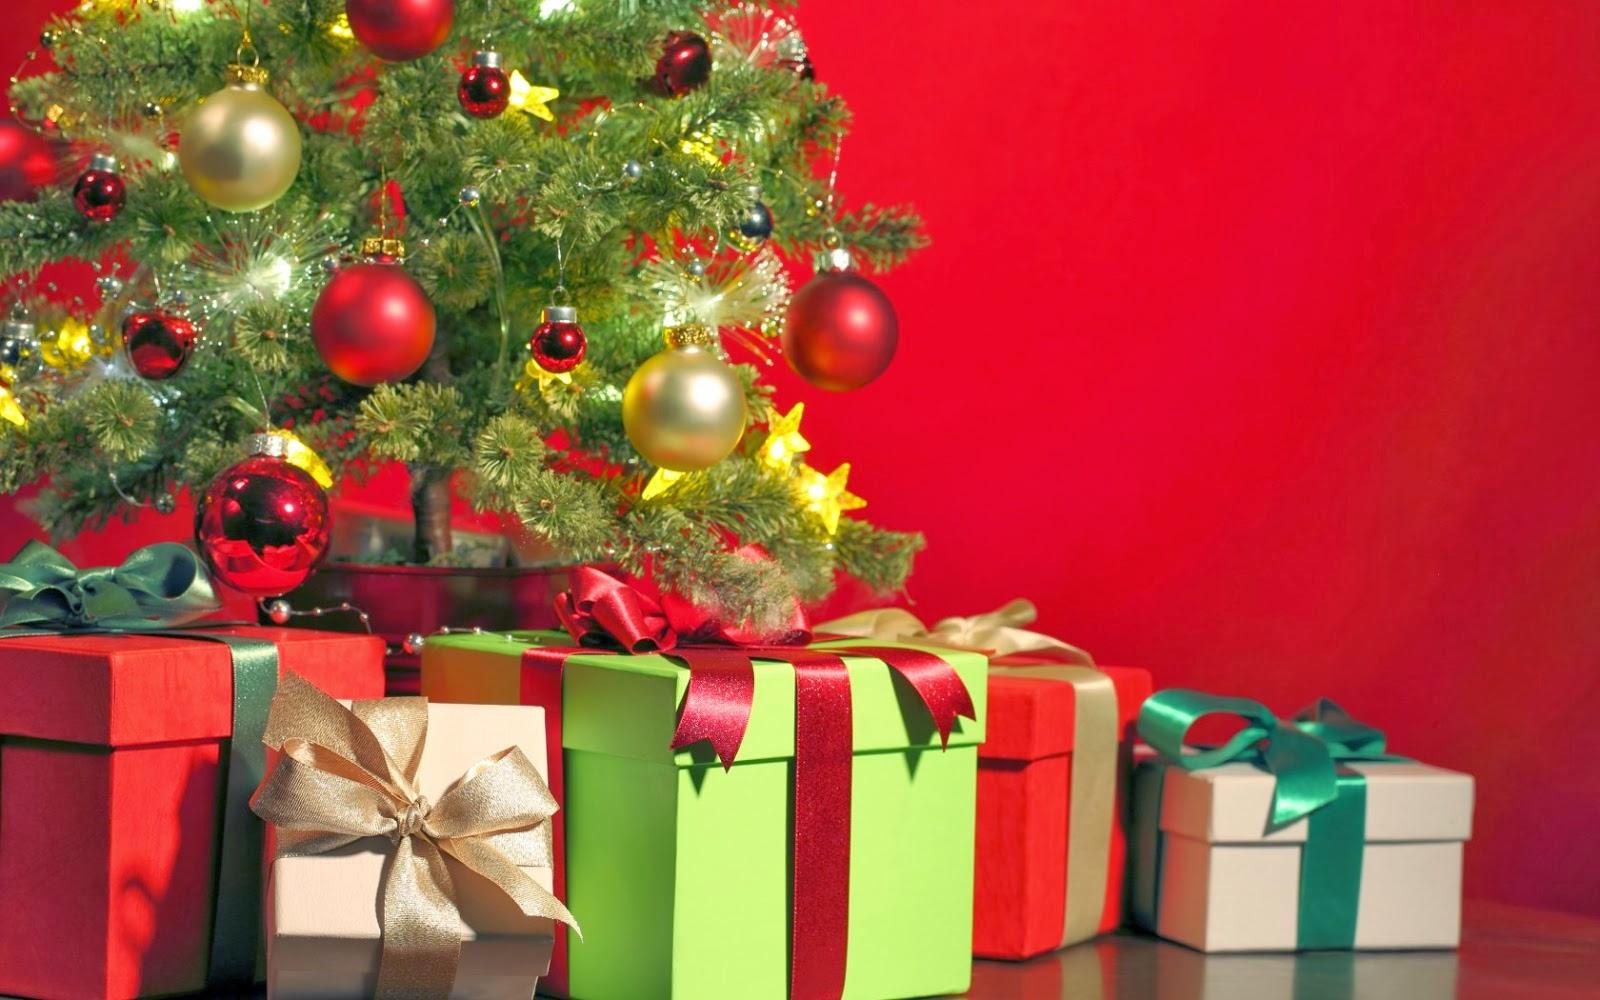 Tuyển tập các tin nhắn chúc mừng giáng sinh bằng tiếng anh hay và ý nghĩa